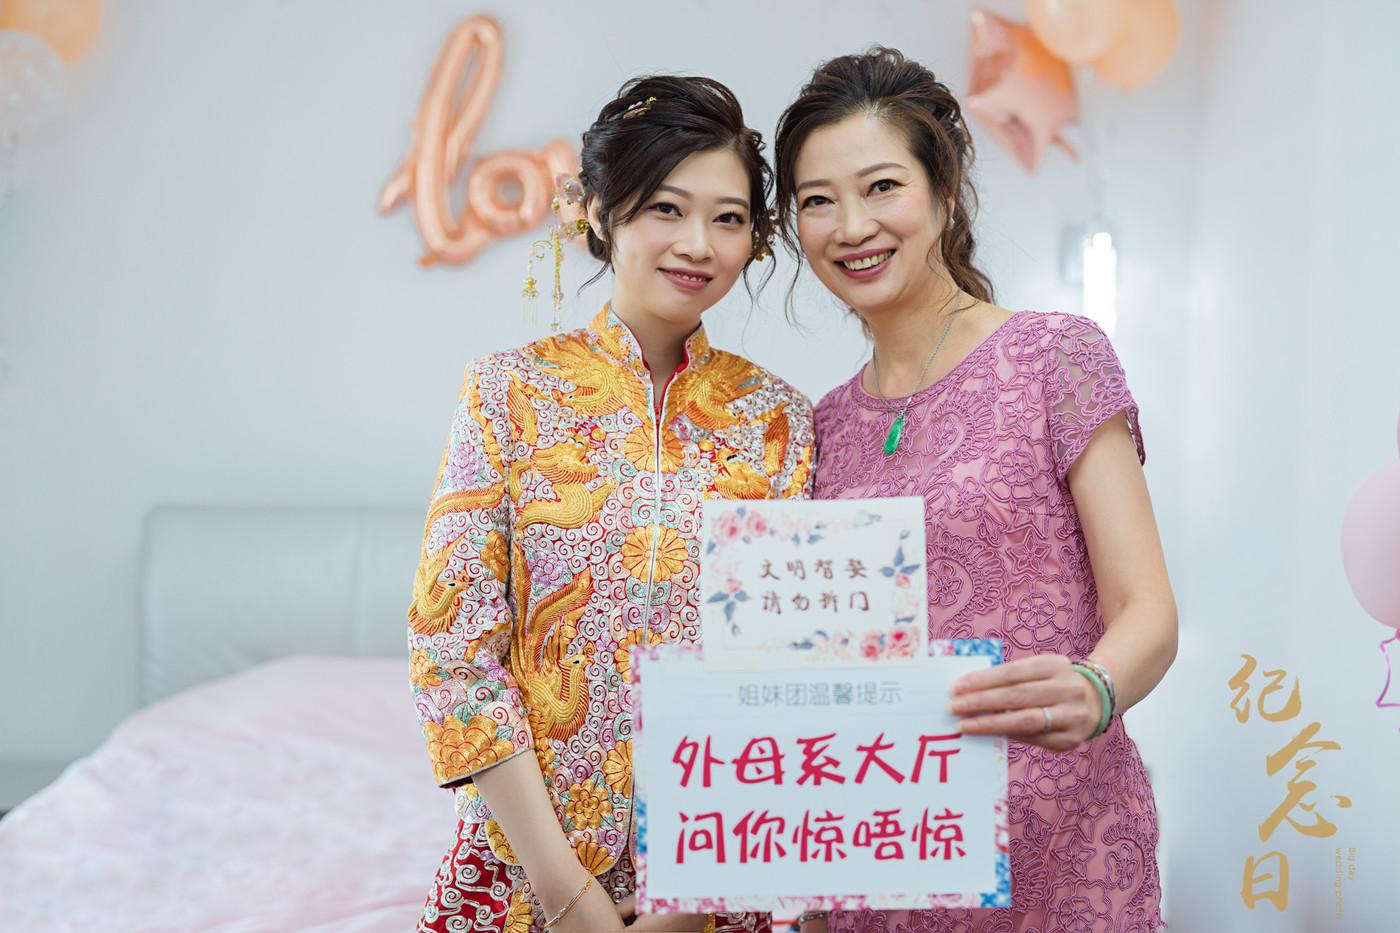 婚礼 | 志明&琳琳30